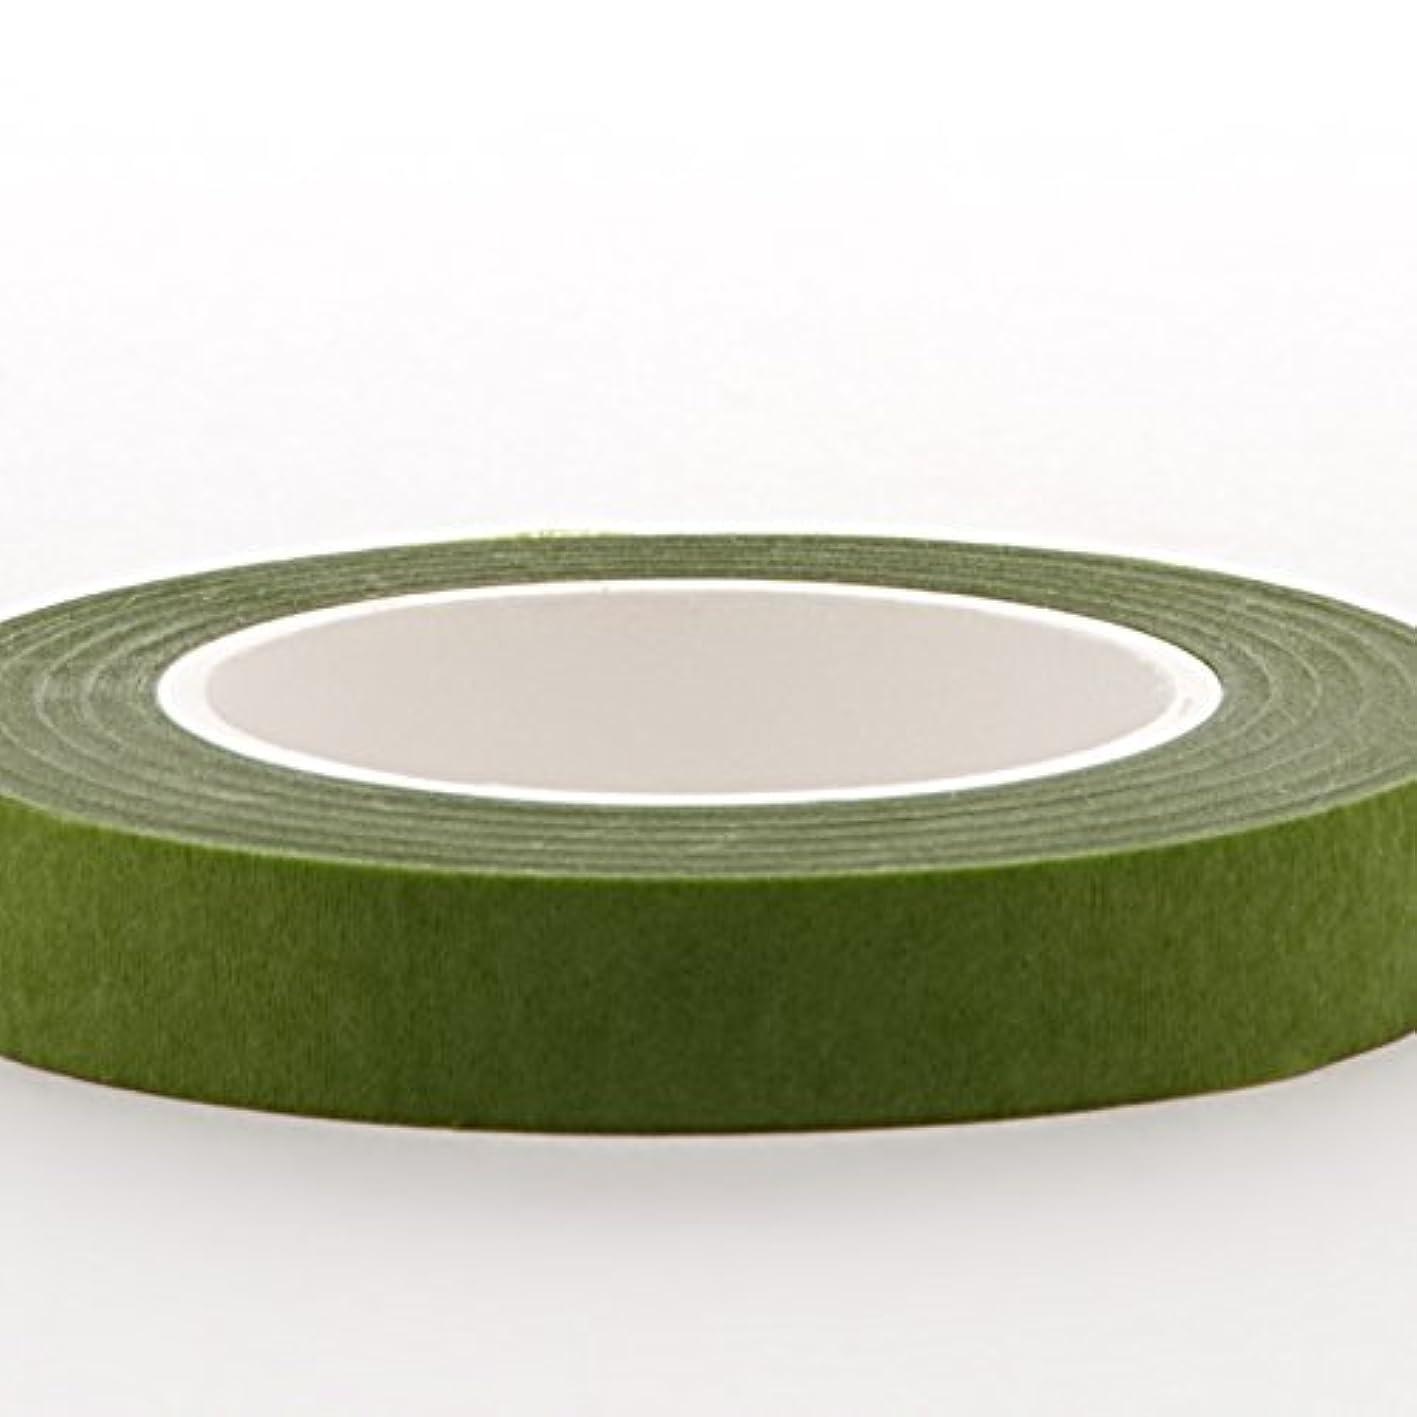 Light Green Florist Tape 1/2